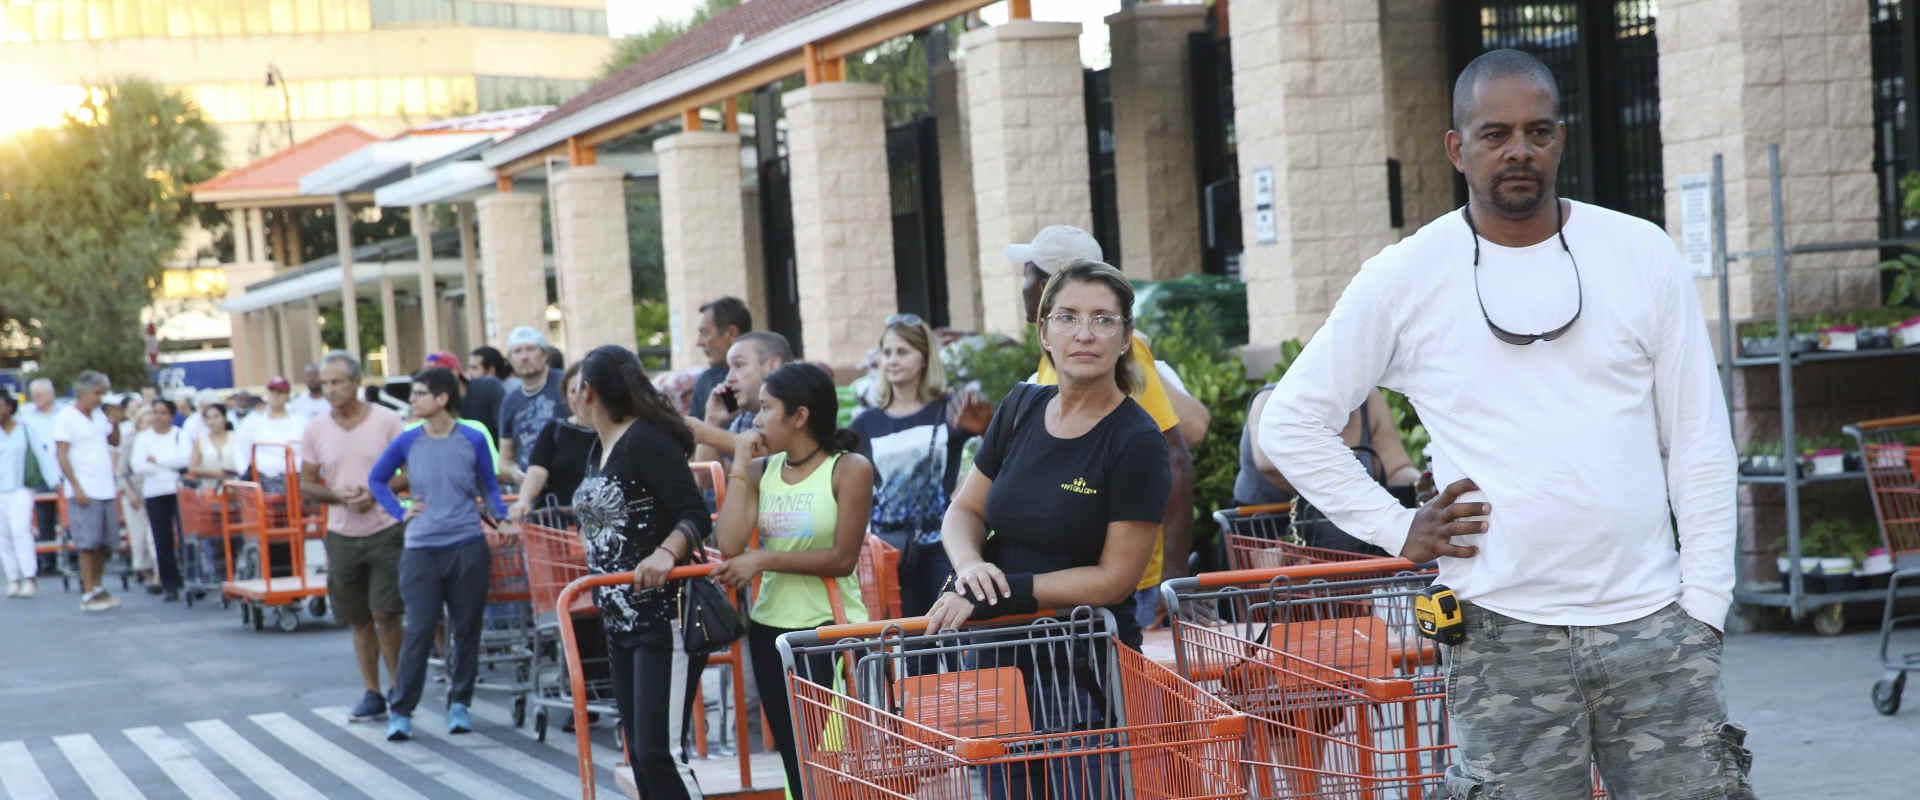 תושבים במיאמי ממתינים להיכנס למרכול, היום